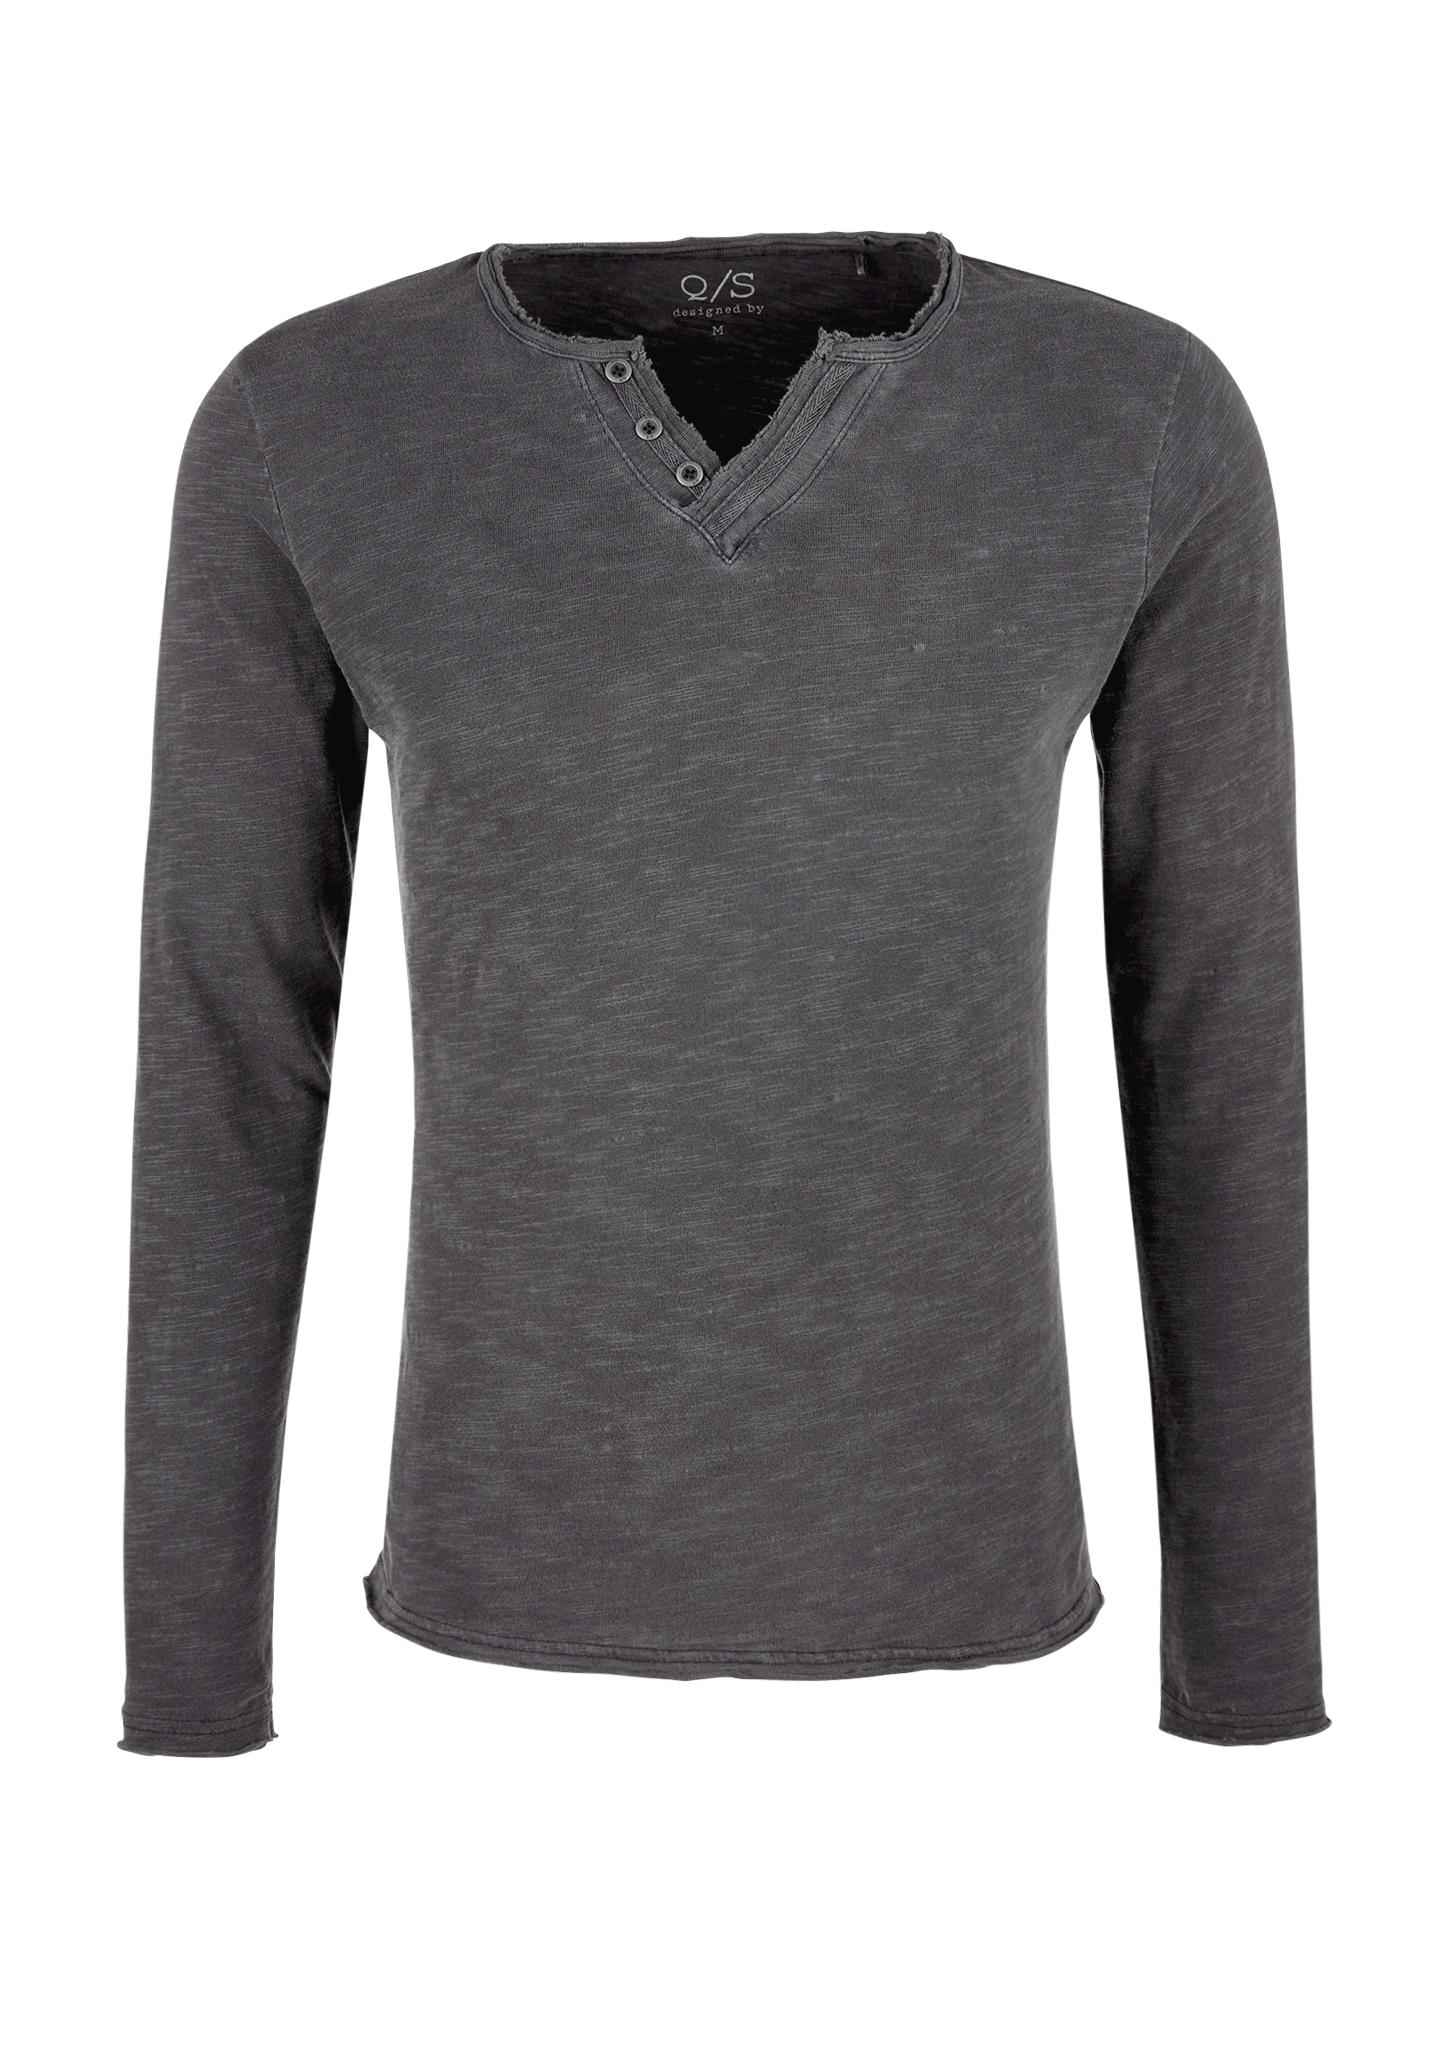 Langarmshirt   Bekleidung > Shirts > Langarm Shirts   Grau/schwarz   100% baumwolle   Q/S designed by